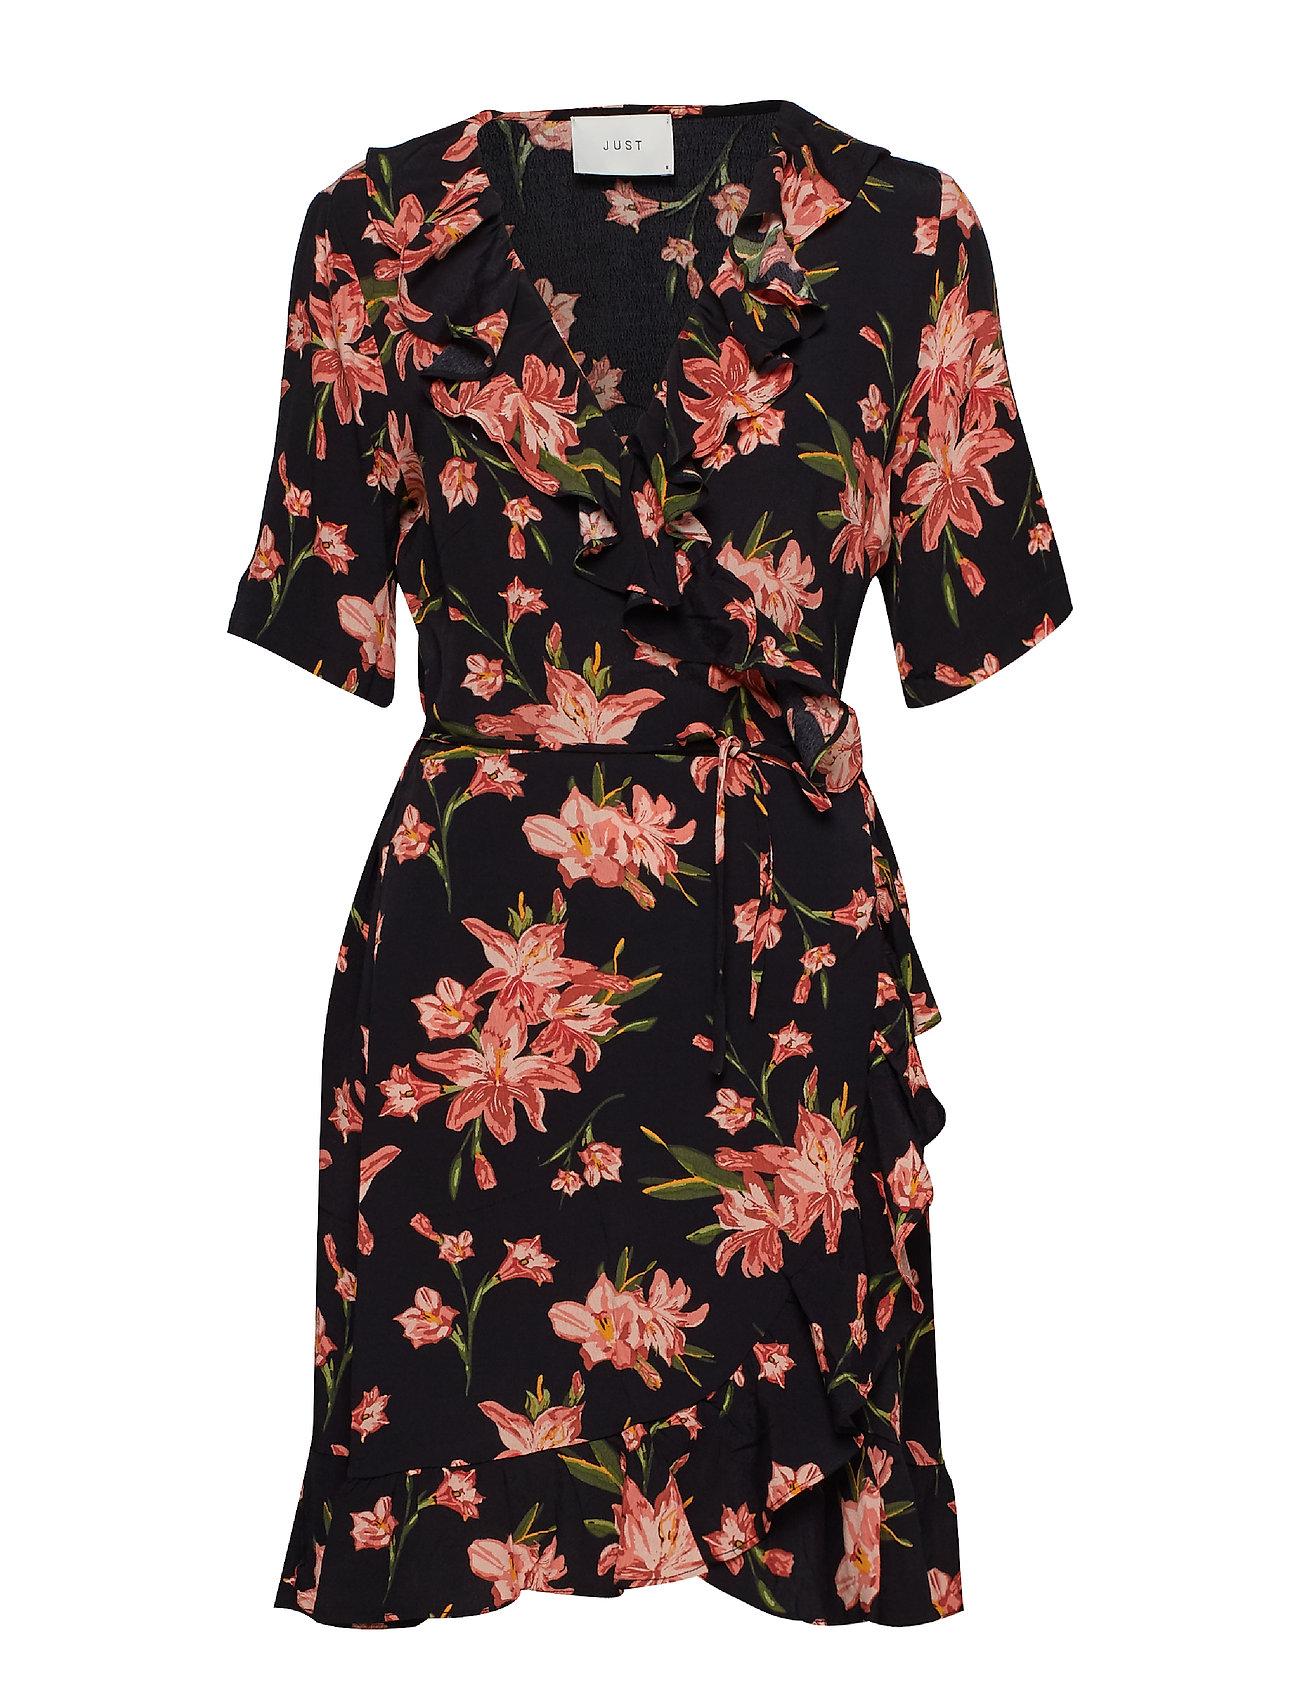 4796a73b9 Oline wrap dress